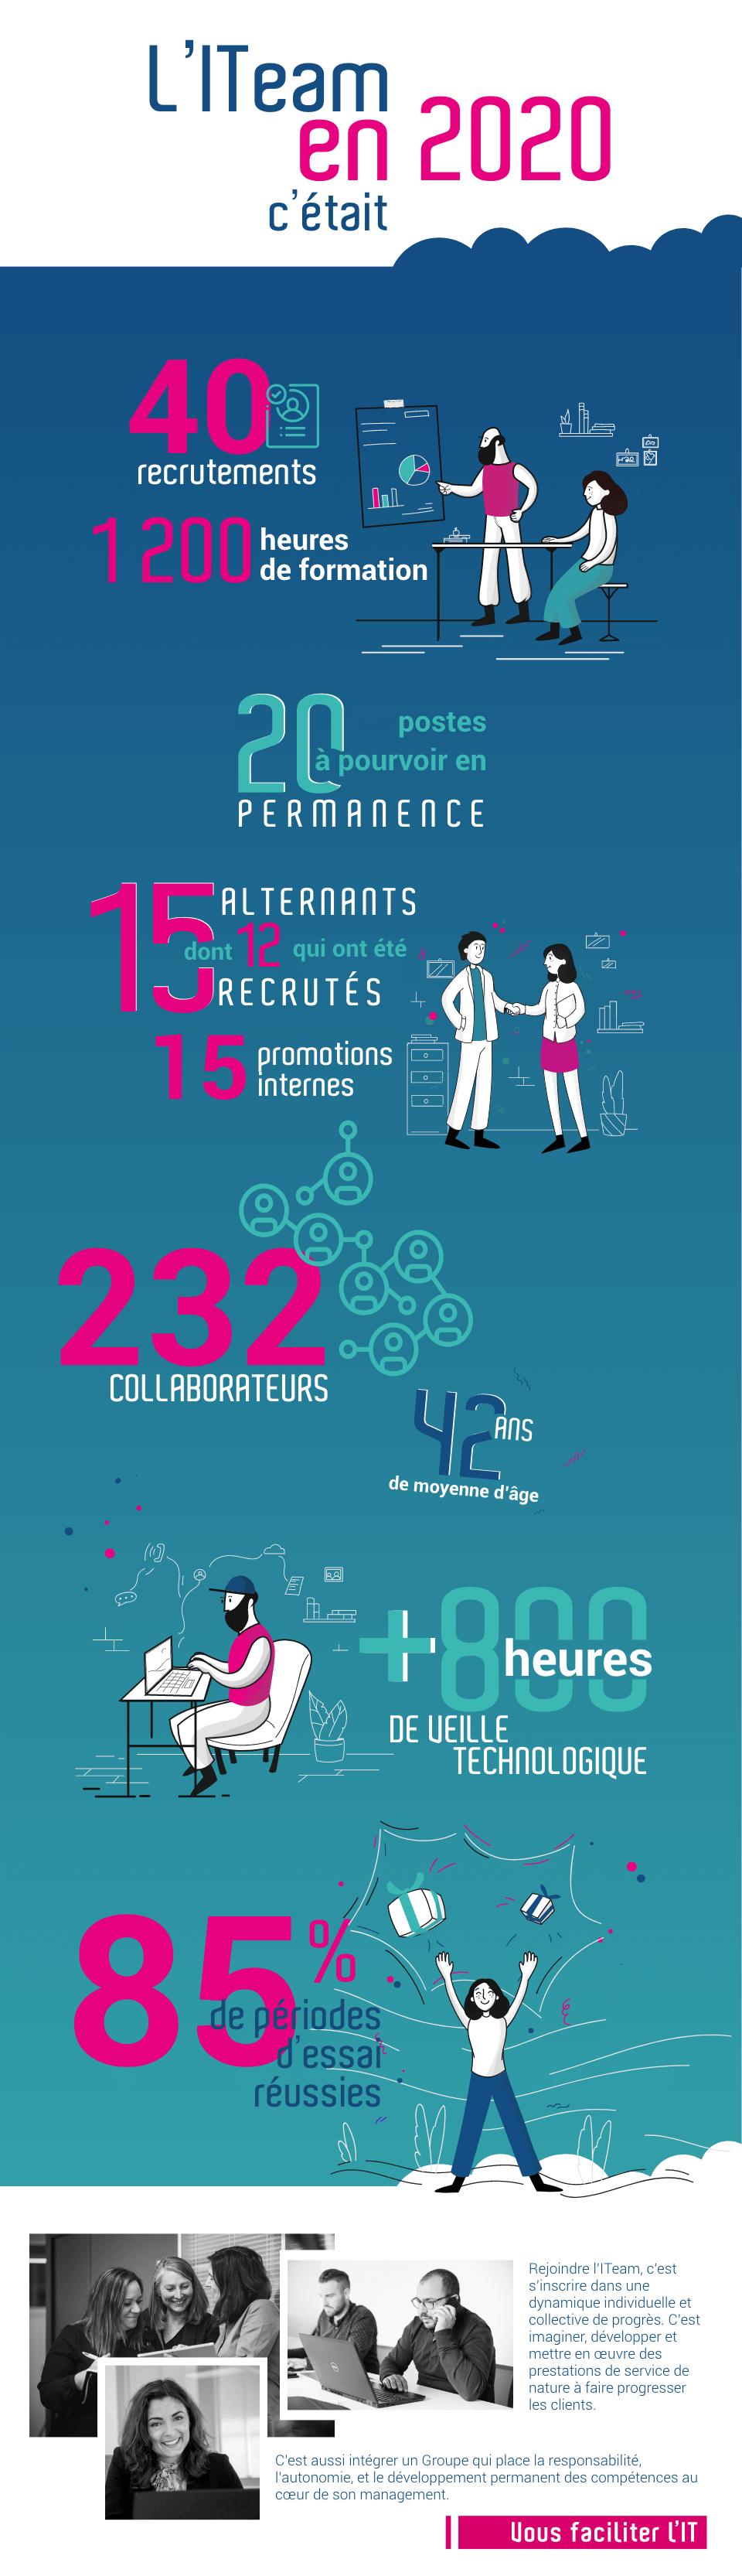 Infographie sur les chiffres clés liés au recrutement du Groupe VFLIT en 2020